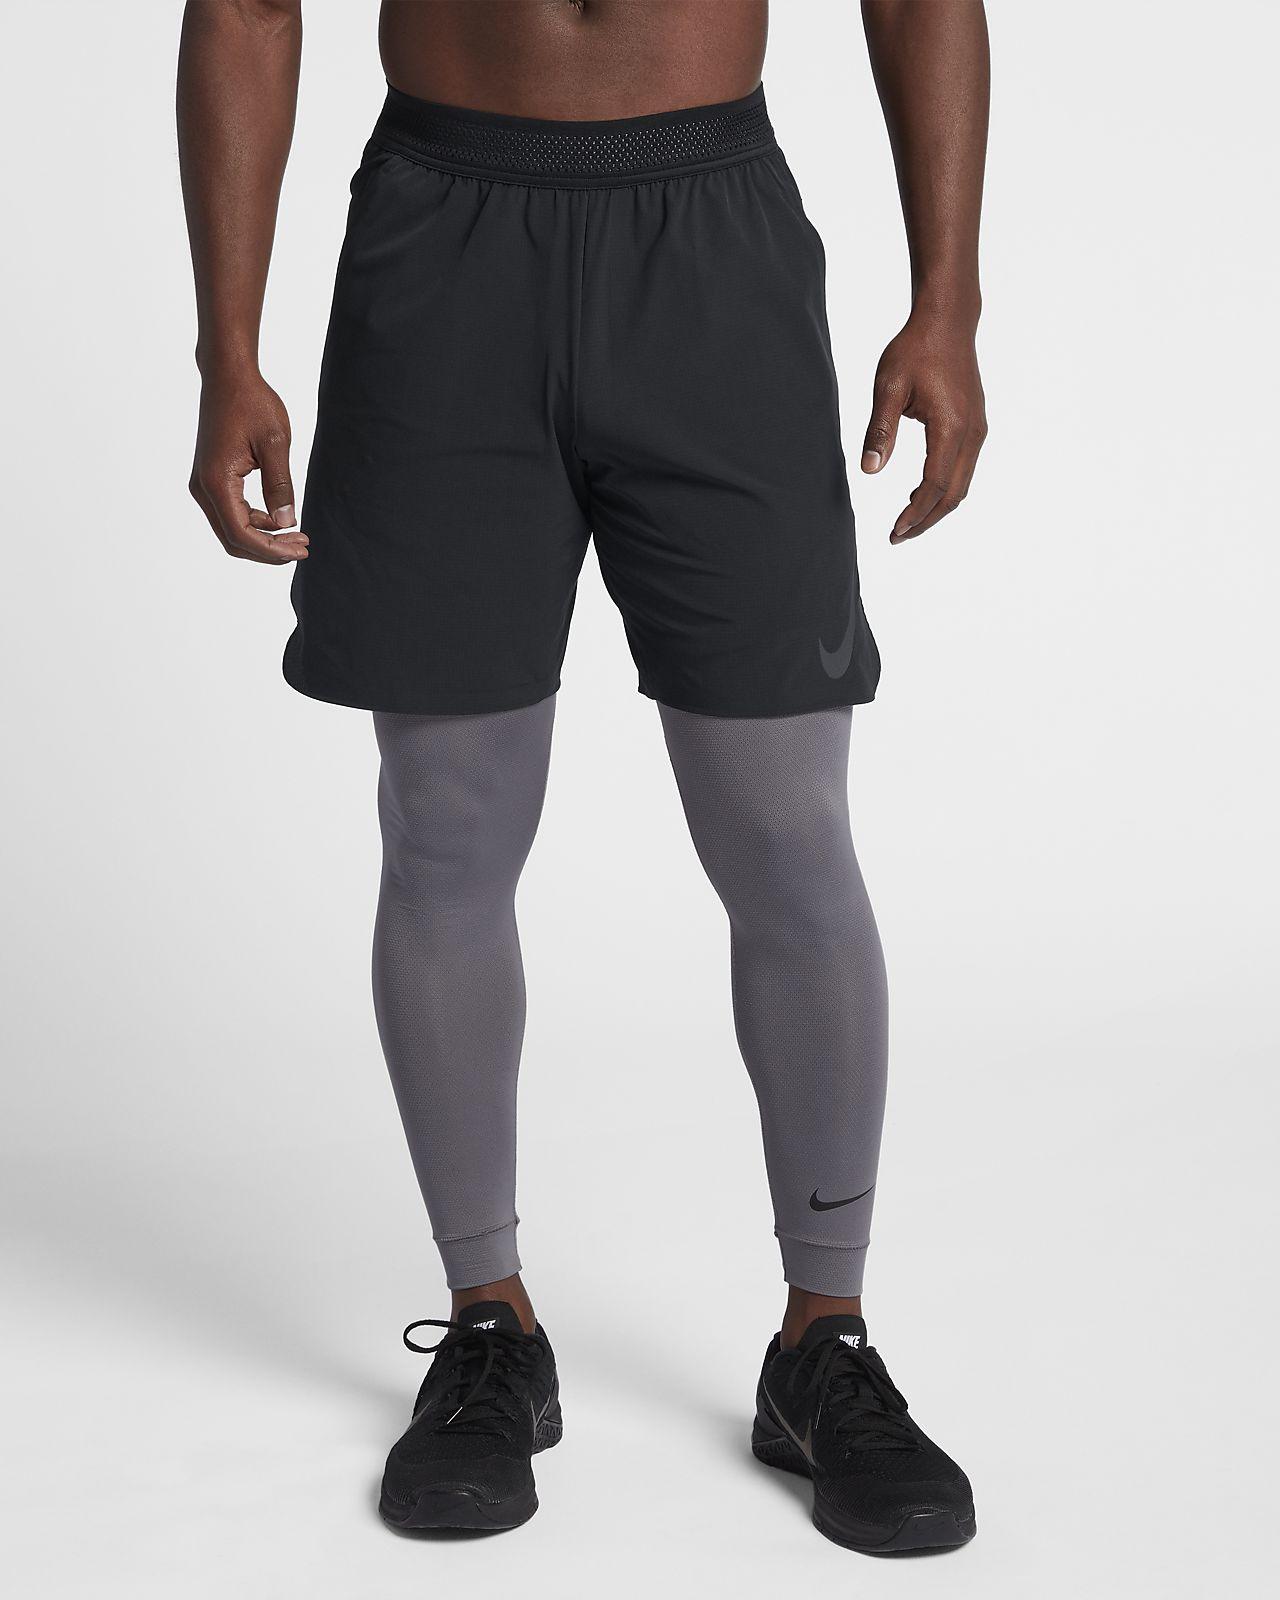 กางเกงเทรนนิ่งขาสั้นผู้ชาย Nike Flex Repel